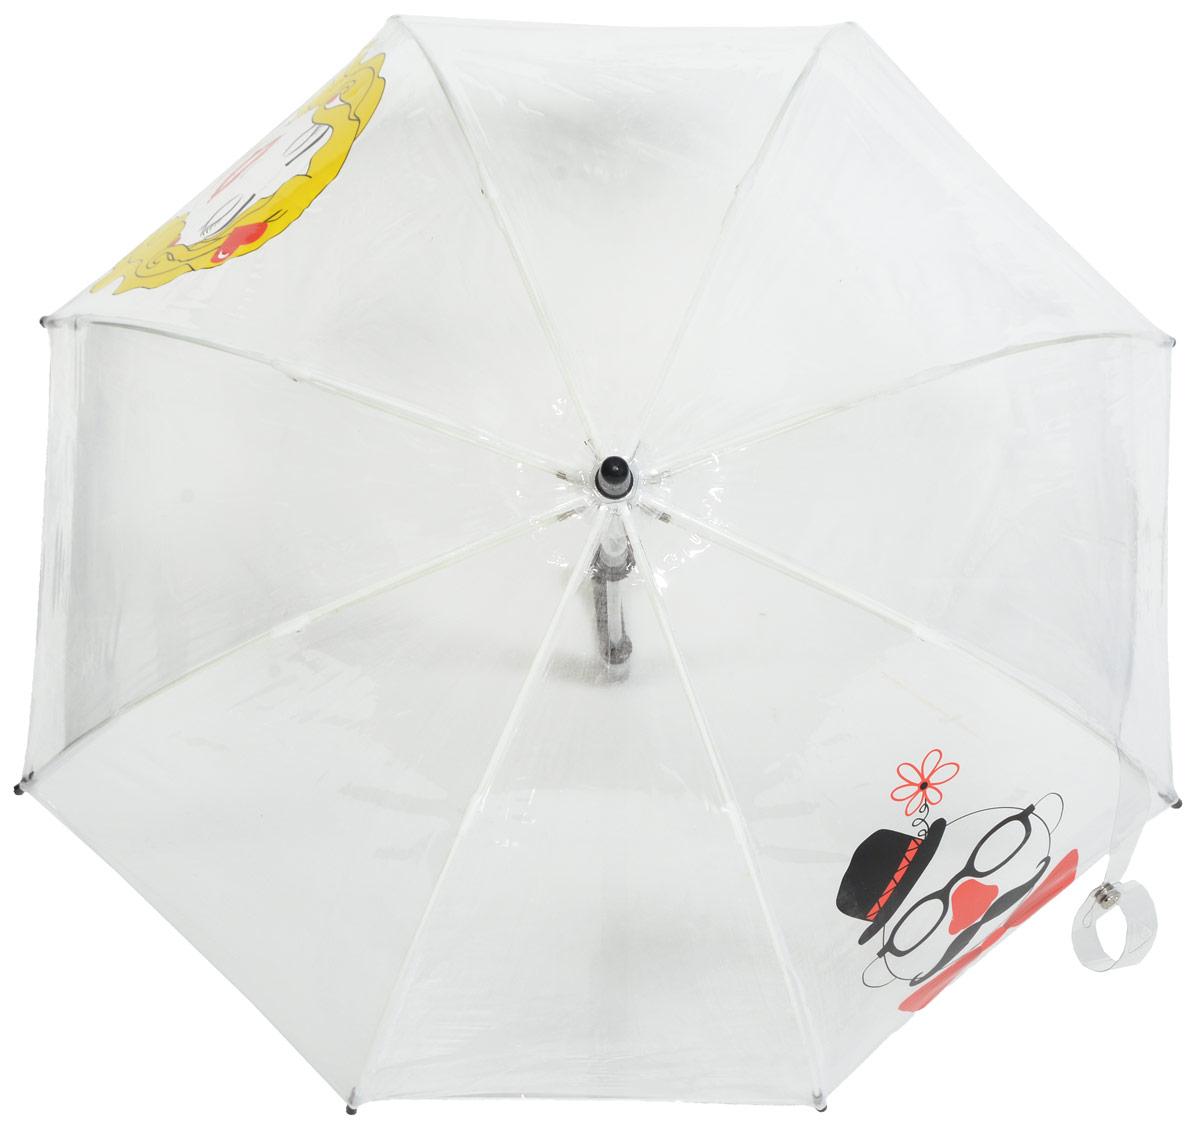 Зонт-трость детский Fulton, механический, цвет: белый, мультиколор. C605-286845100636-1/18466/4900NУдобный механический зонт-трость Fulton даже в ненастную погоду позволит вашему ребенку оставаться стильным. Каркас зонта включает 8 спиц из фибергласса. Стержень изготовлен из прочного алюминия. Купол зонта выполнен из качественного ПВХ.Рукоятка закругленной формы, разработанная с учетом требований эргономики, выполнена из качественного пластика.Зонт механического сложения: купол открывается и закрывается вручную до характерного щелчка.